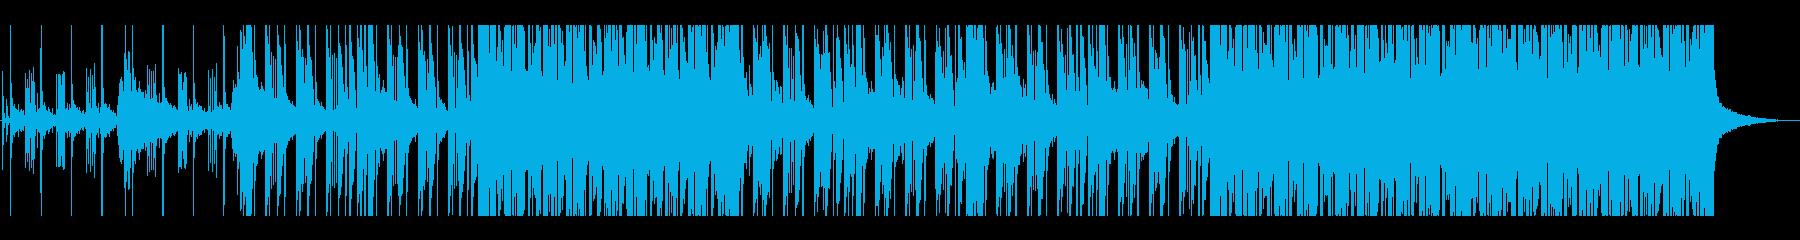 テクノロジー、リズム、パーカッションの再生済みの波形